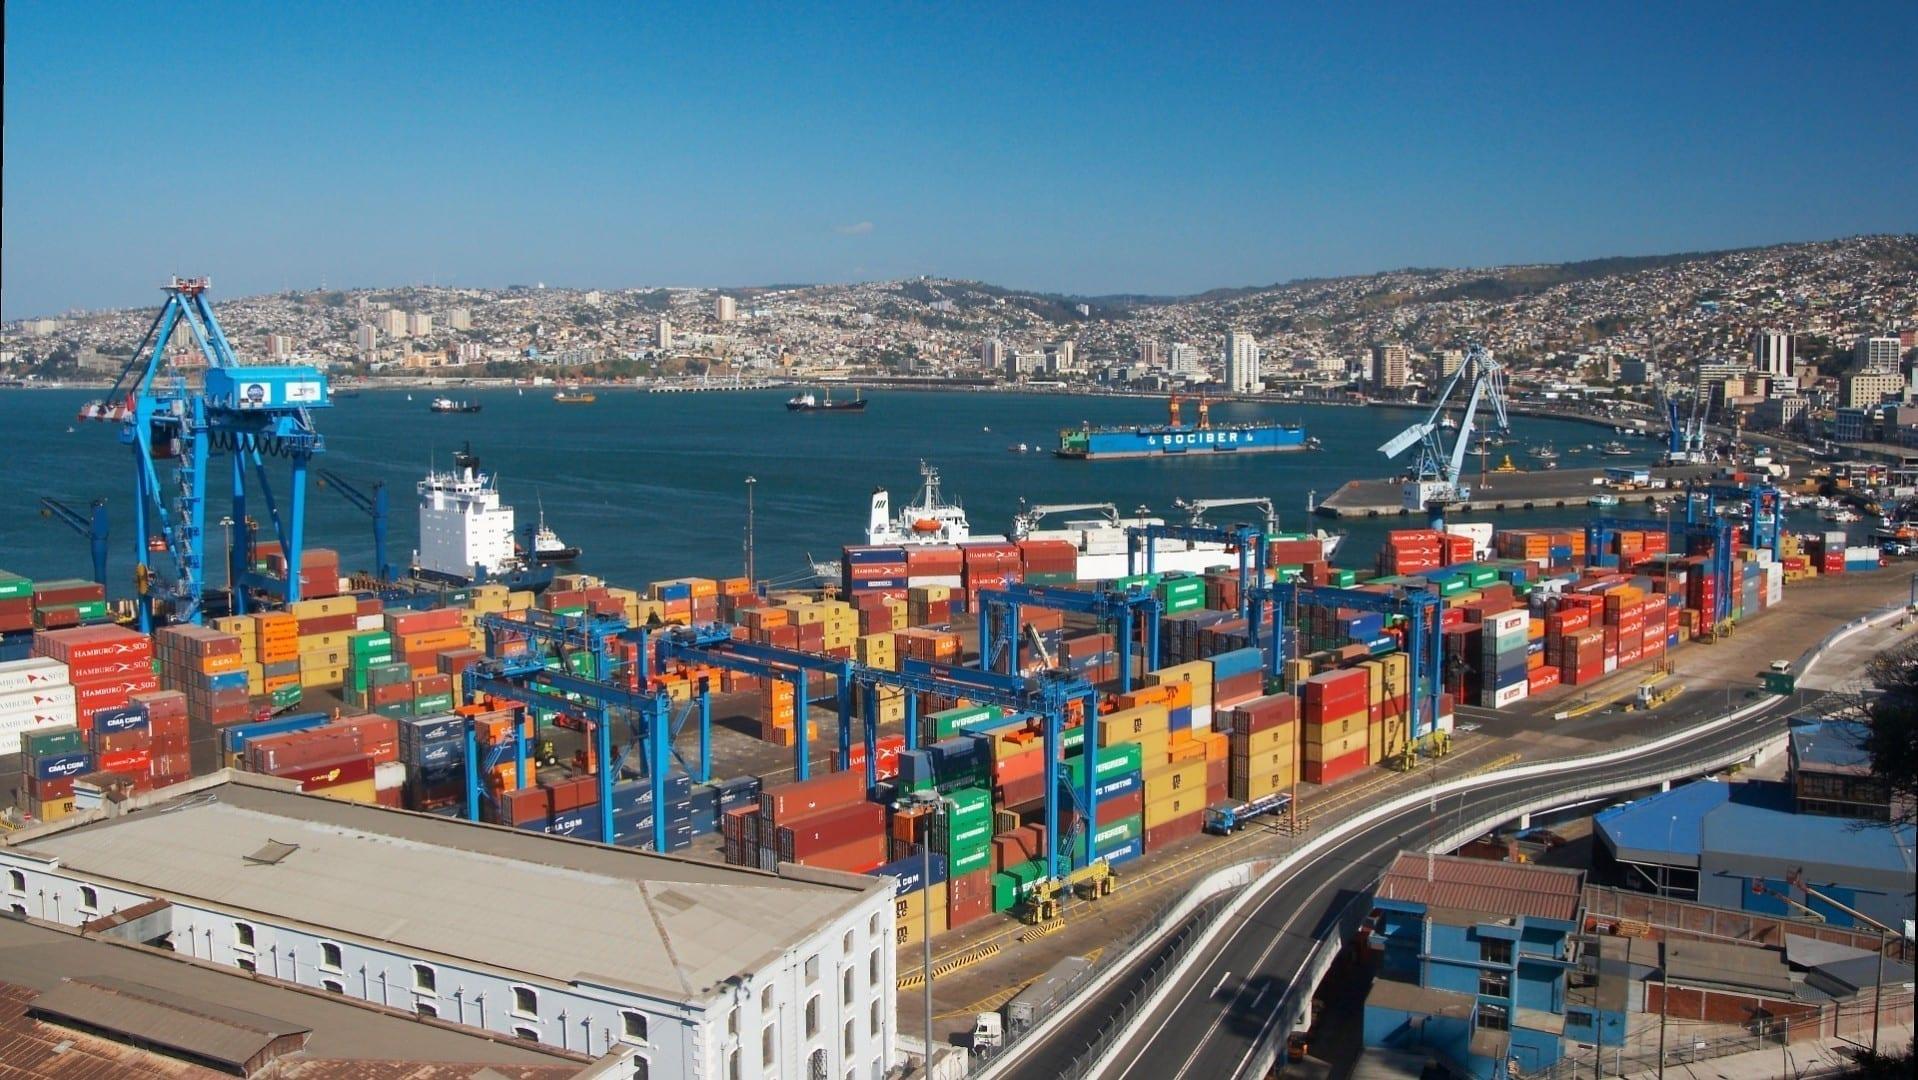 Zona portuaria de Valparaíso Valparaiso Chile